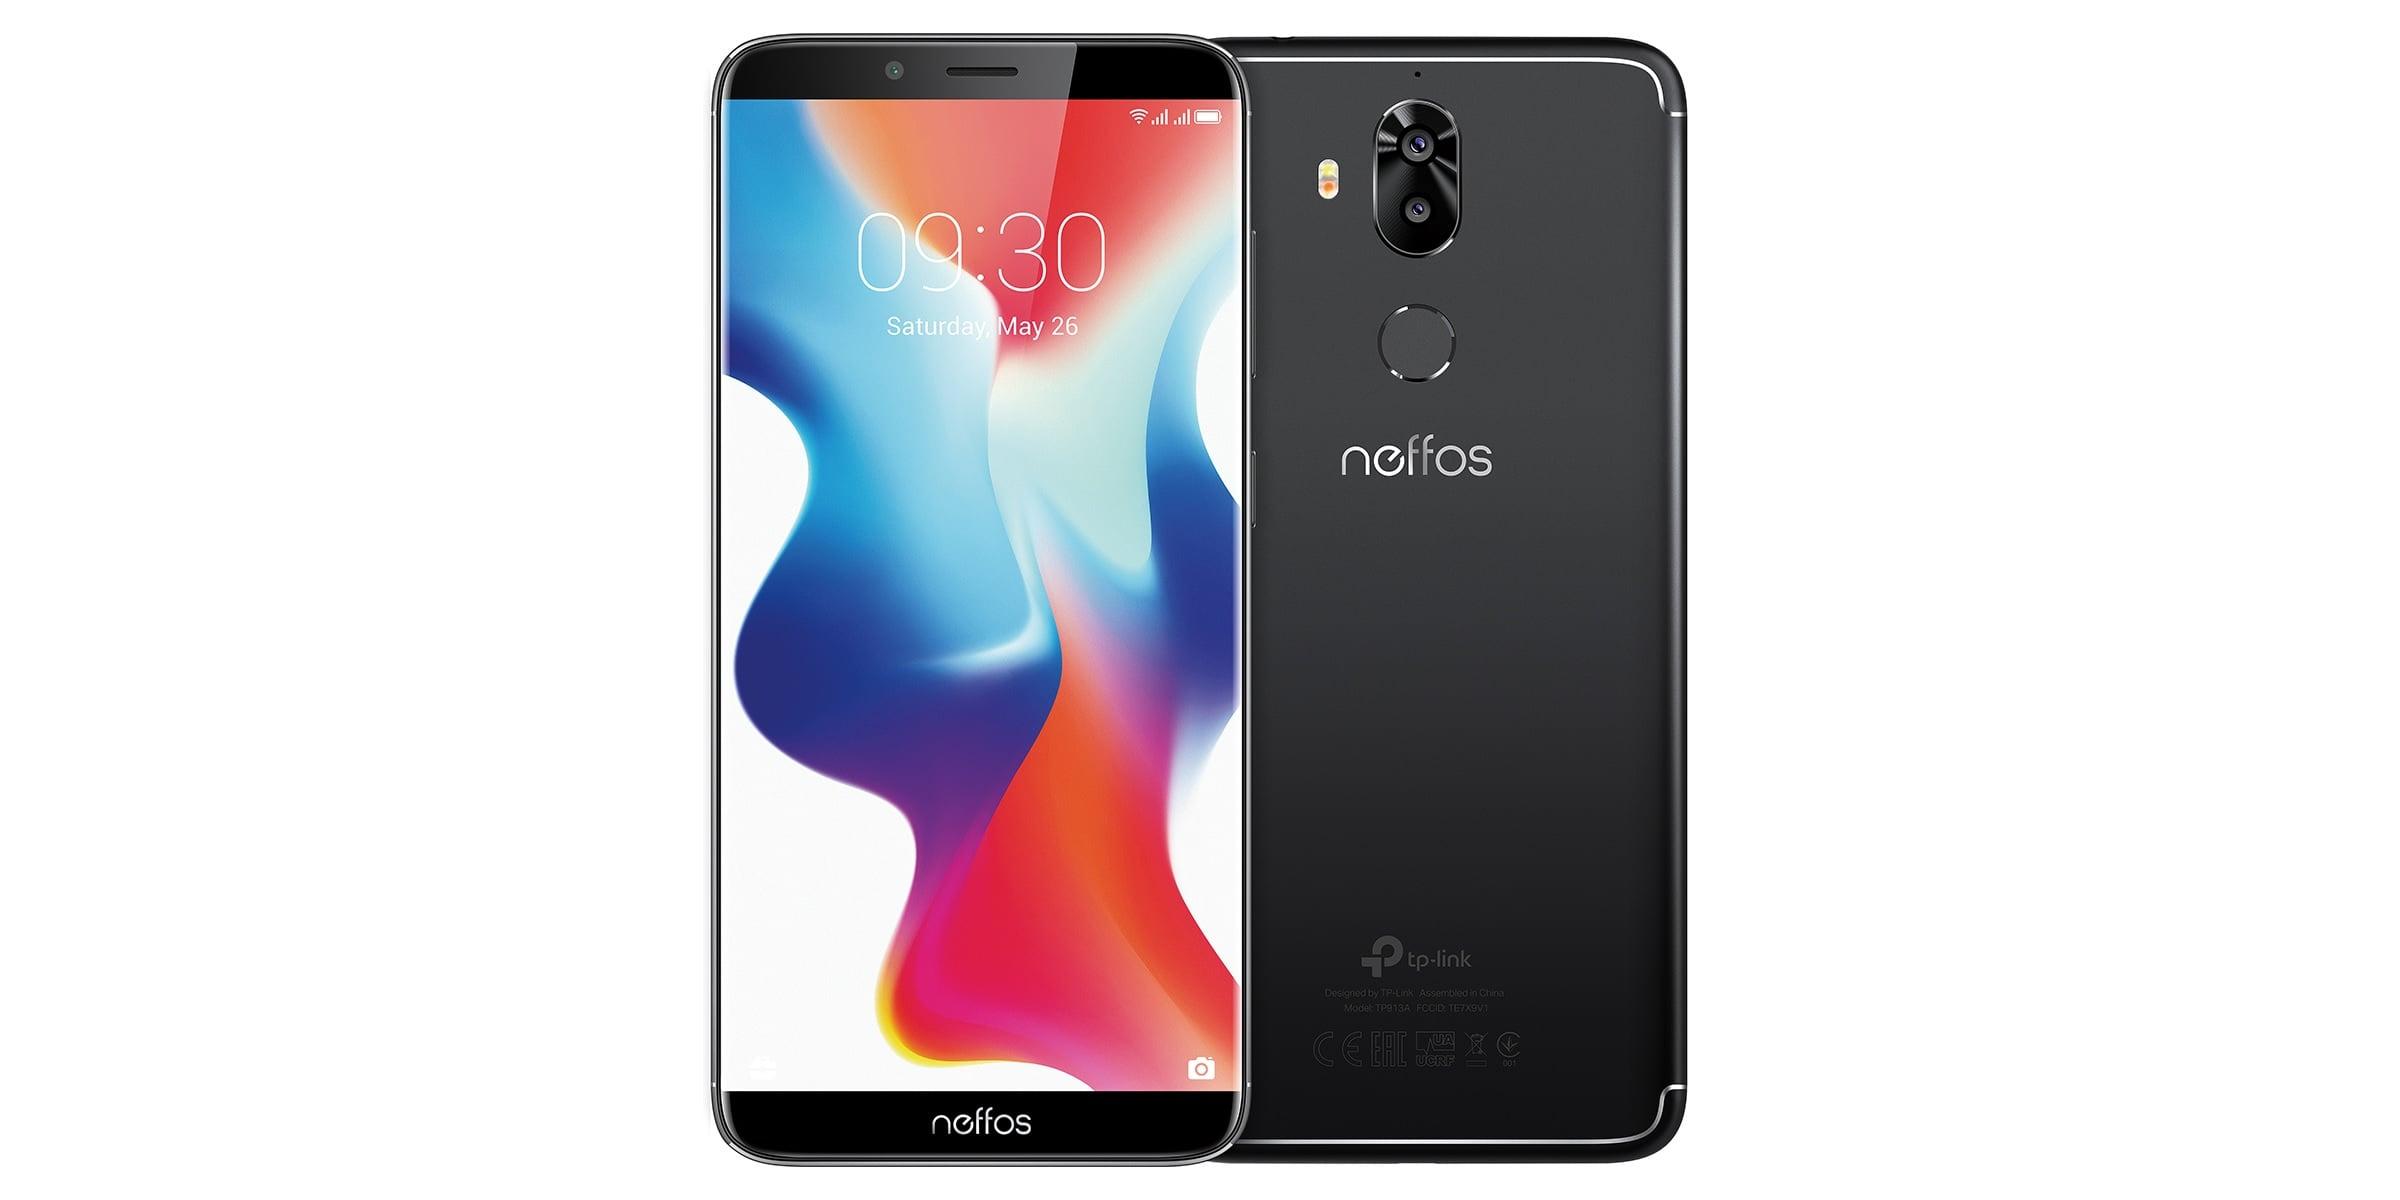 TP-Link zapowiedział aż cztery nowe smartfony: Neffos C7A, Neffos C9A, Neffos C9 i Neffos X9 14